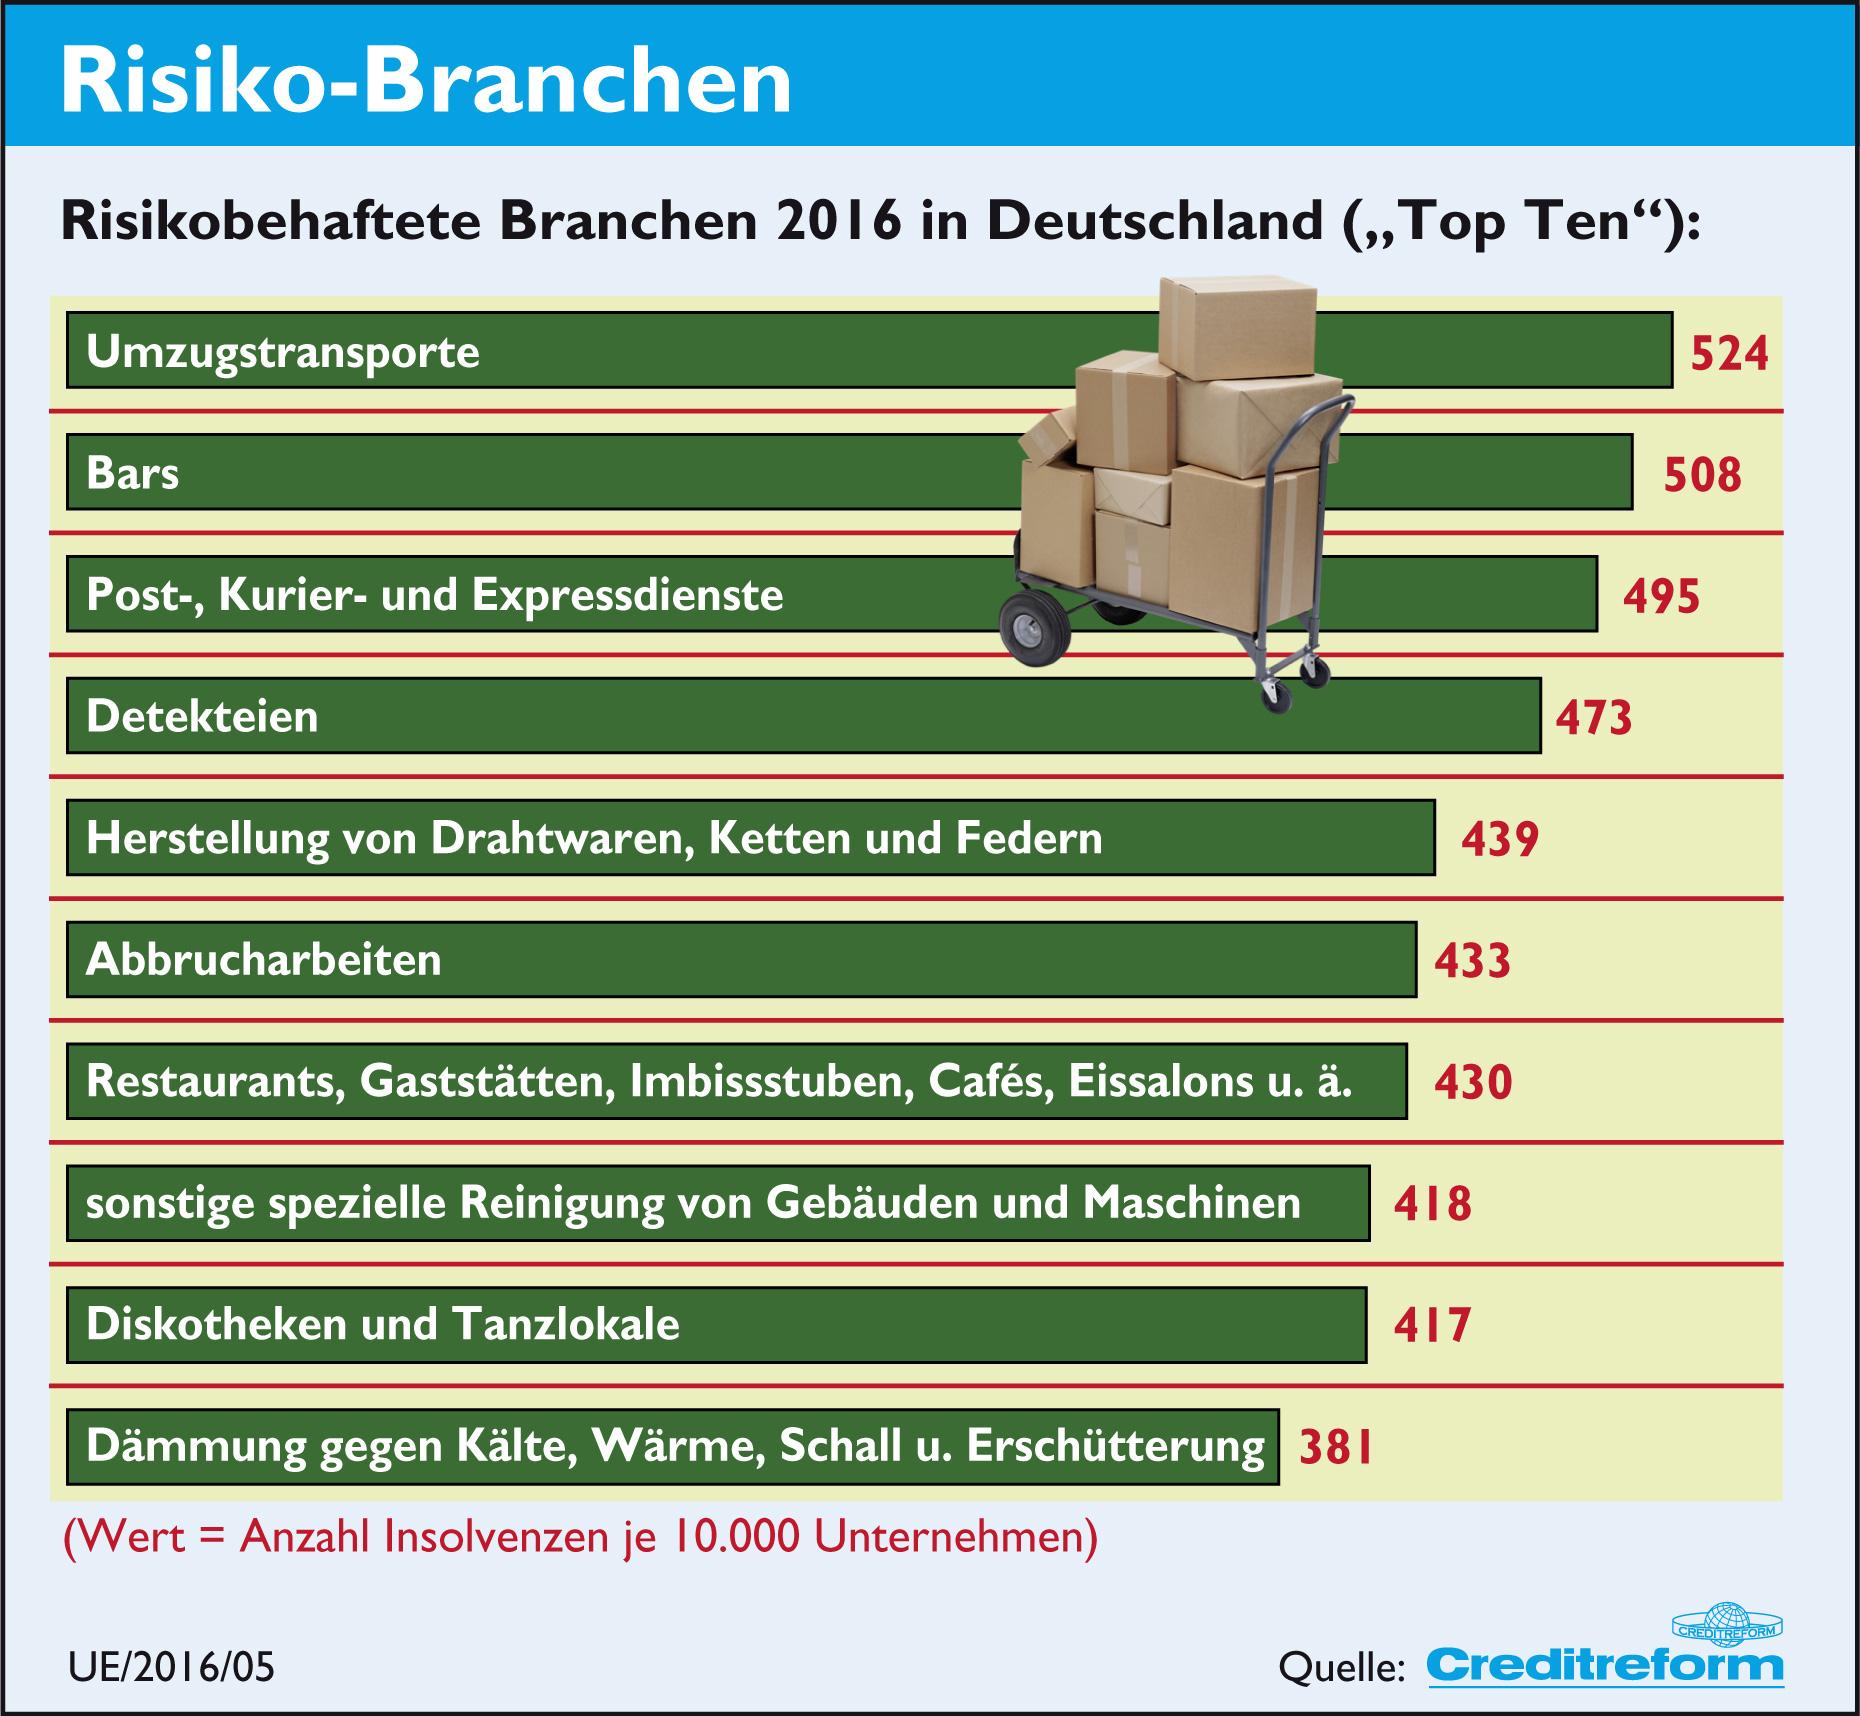 Risiko-Branchen für Insolvenzen.